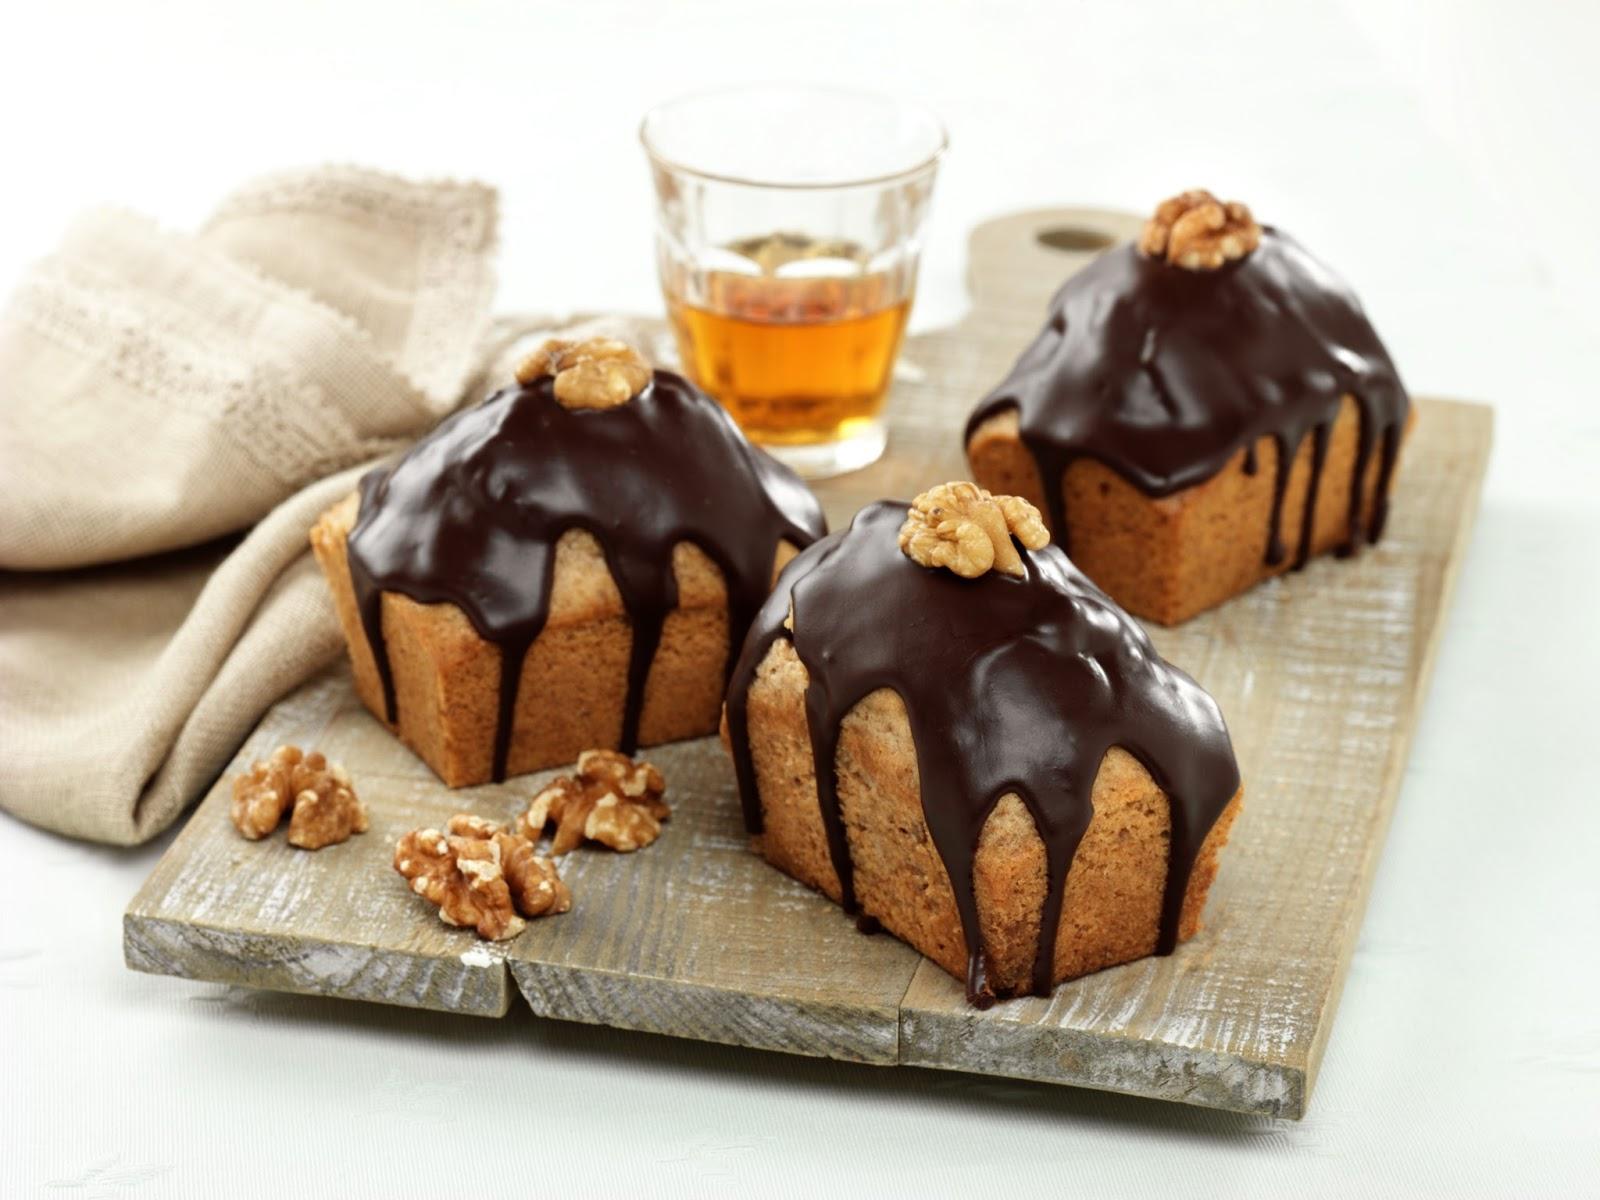 Whisky And Walnut Cakes